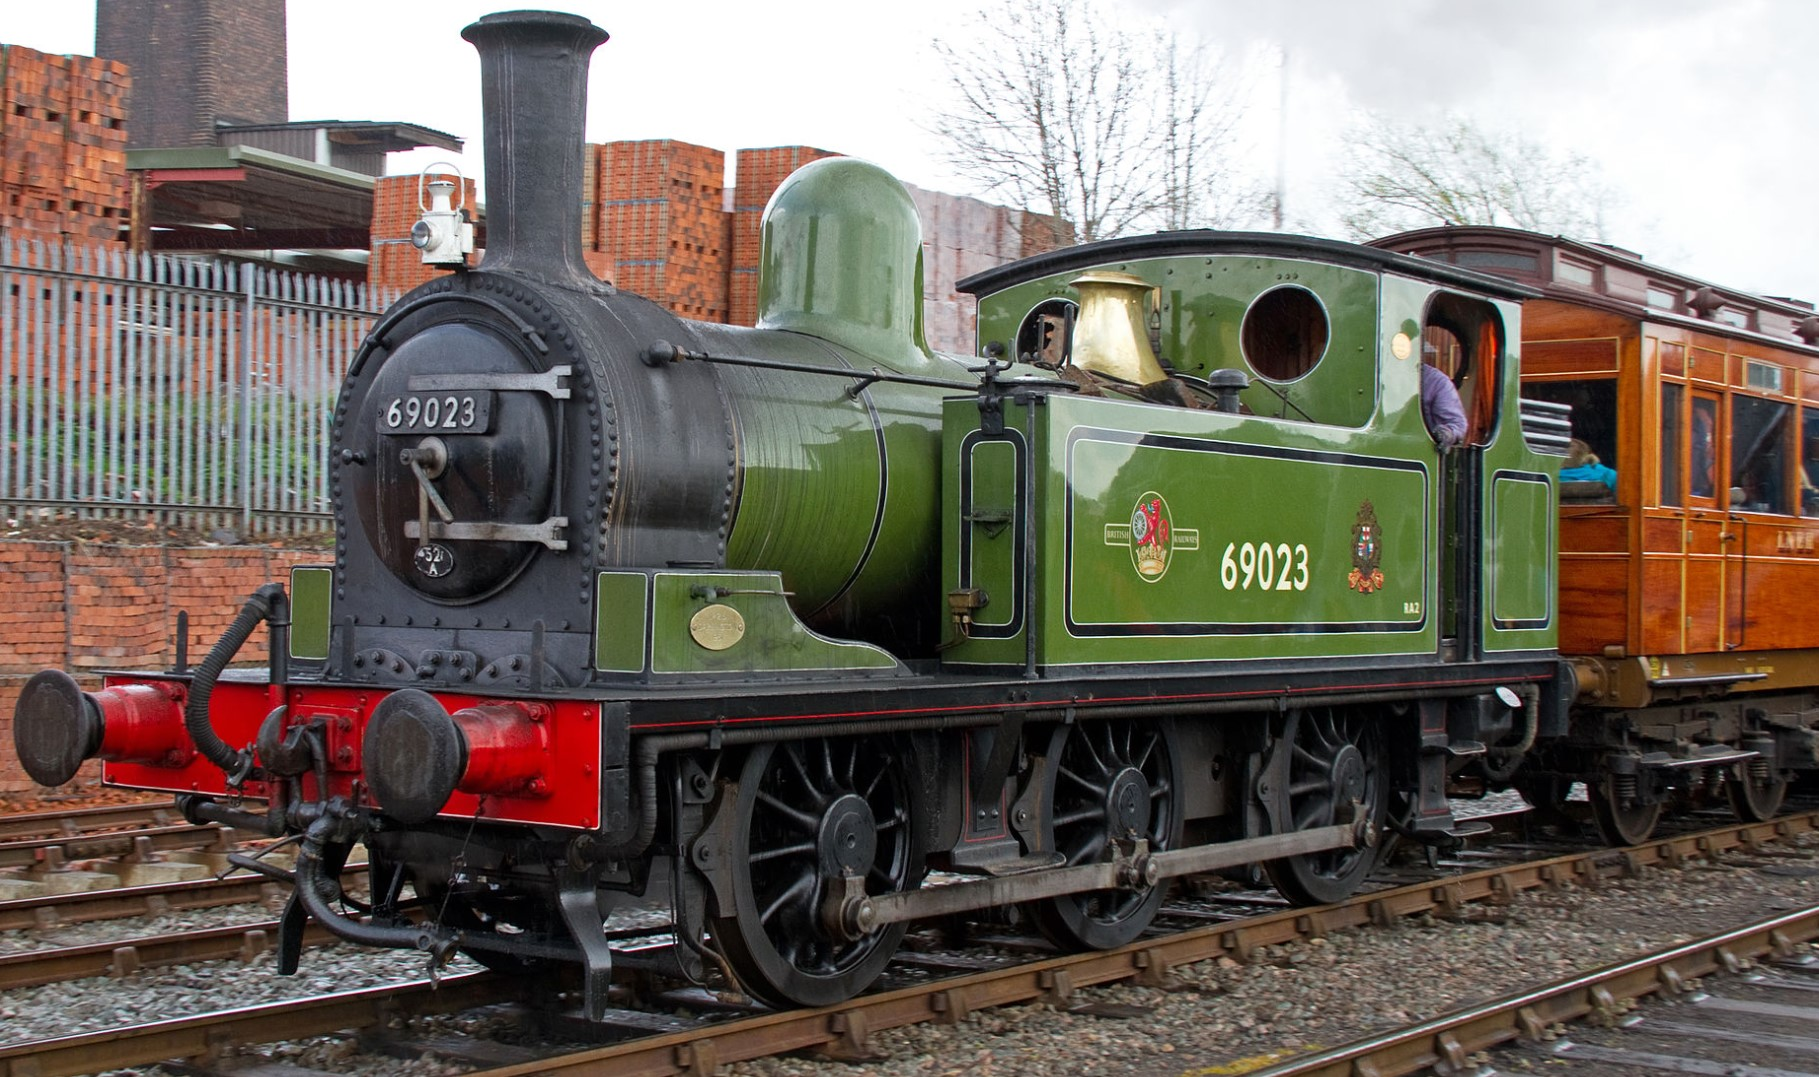 69023 at Tyseley in April 2012. ©Tony Hisgett